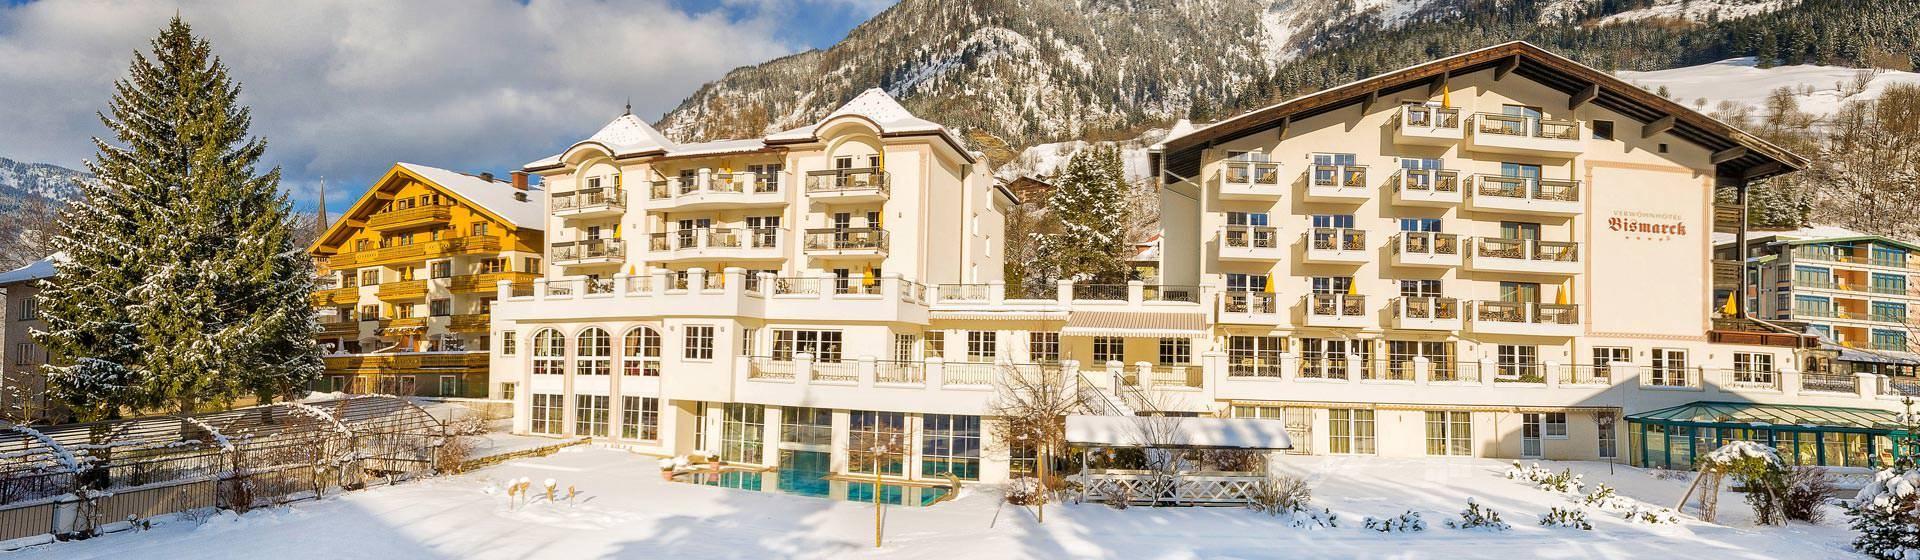 Hotel Bismarck Außenansicht Winter